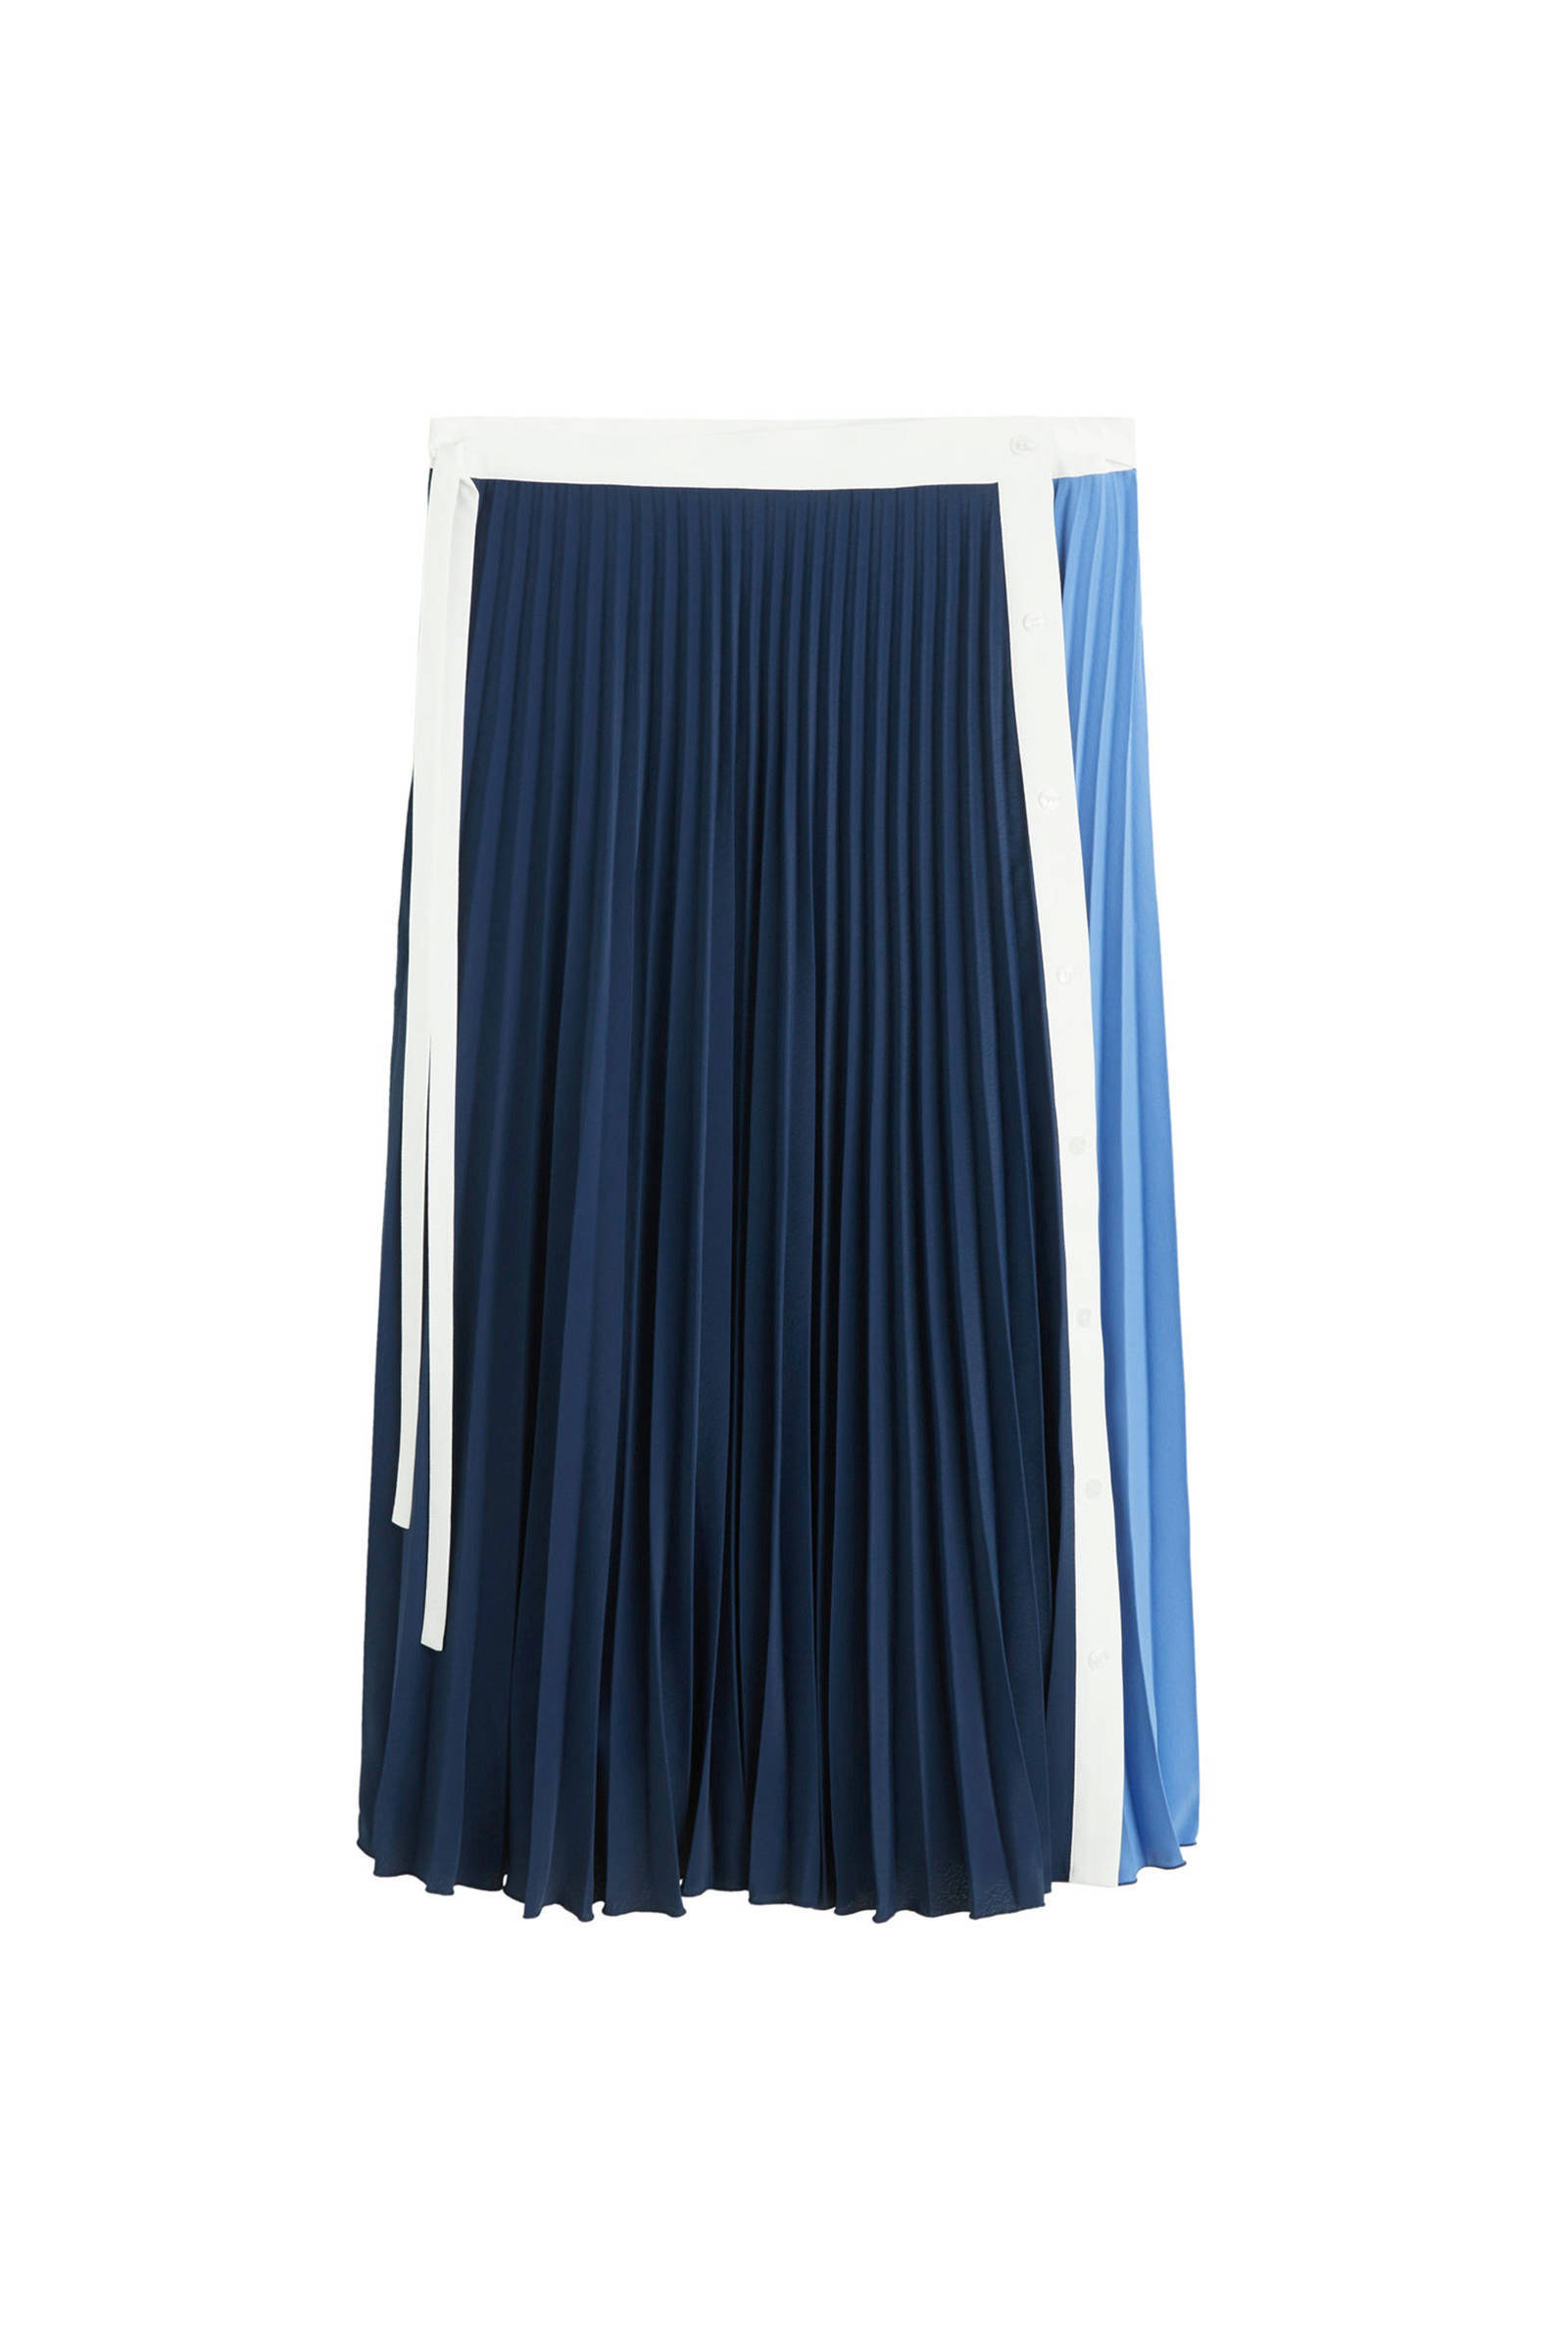 plisse rok blauw